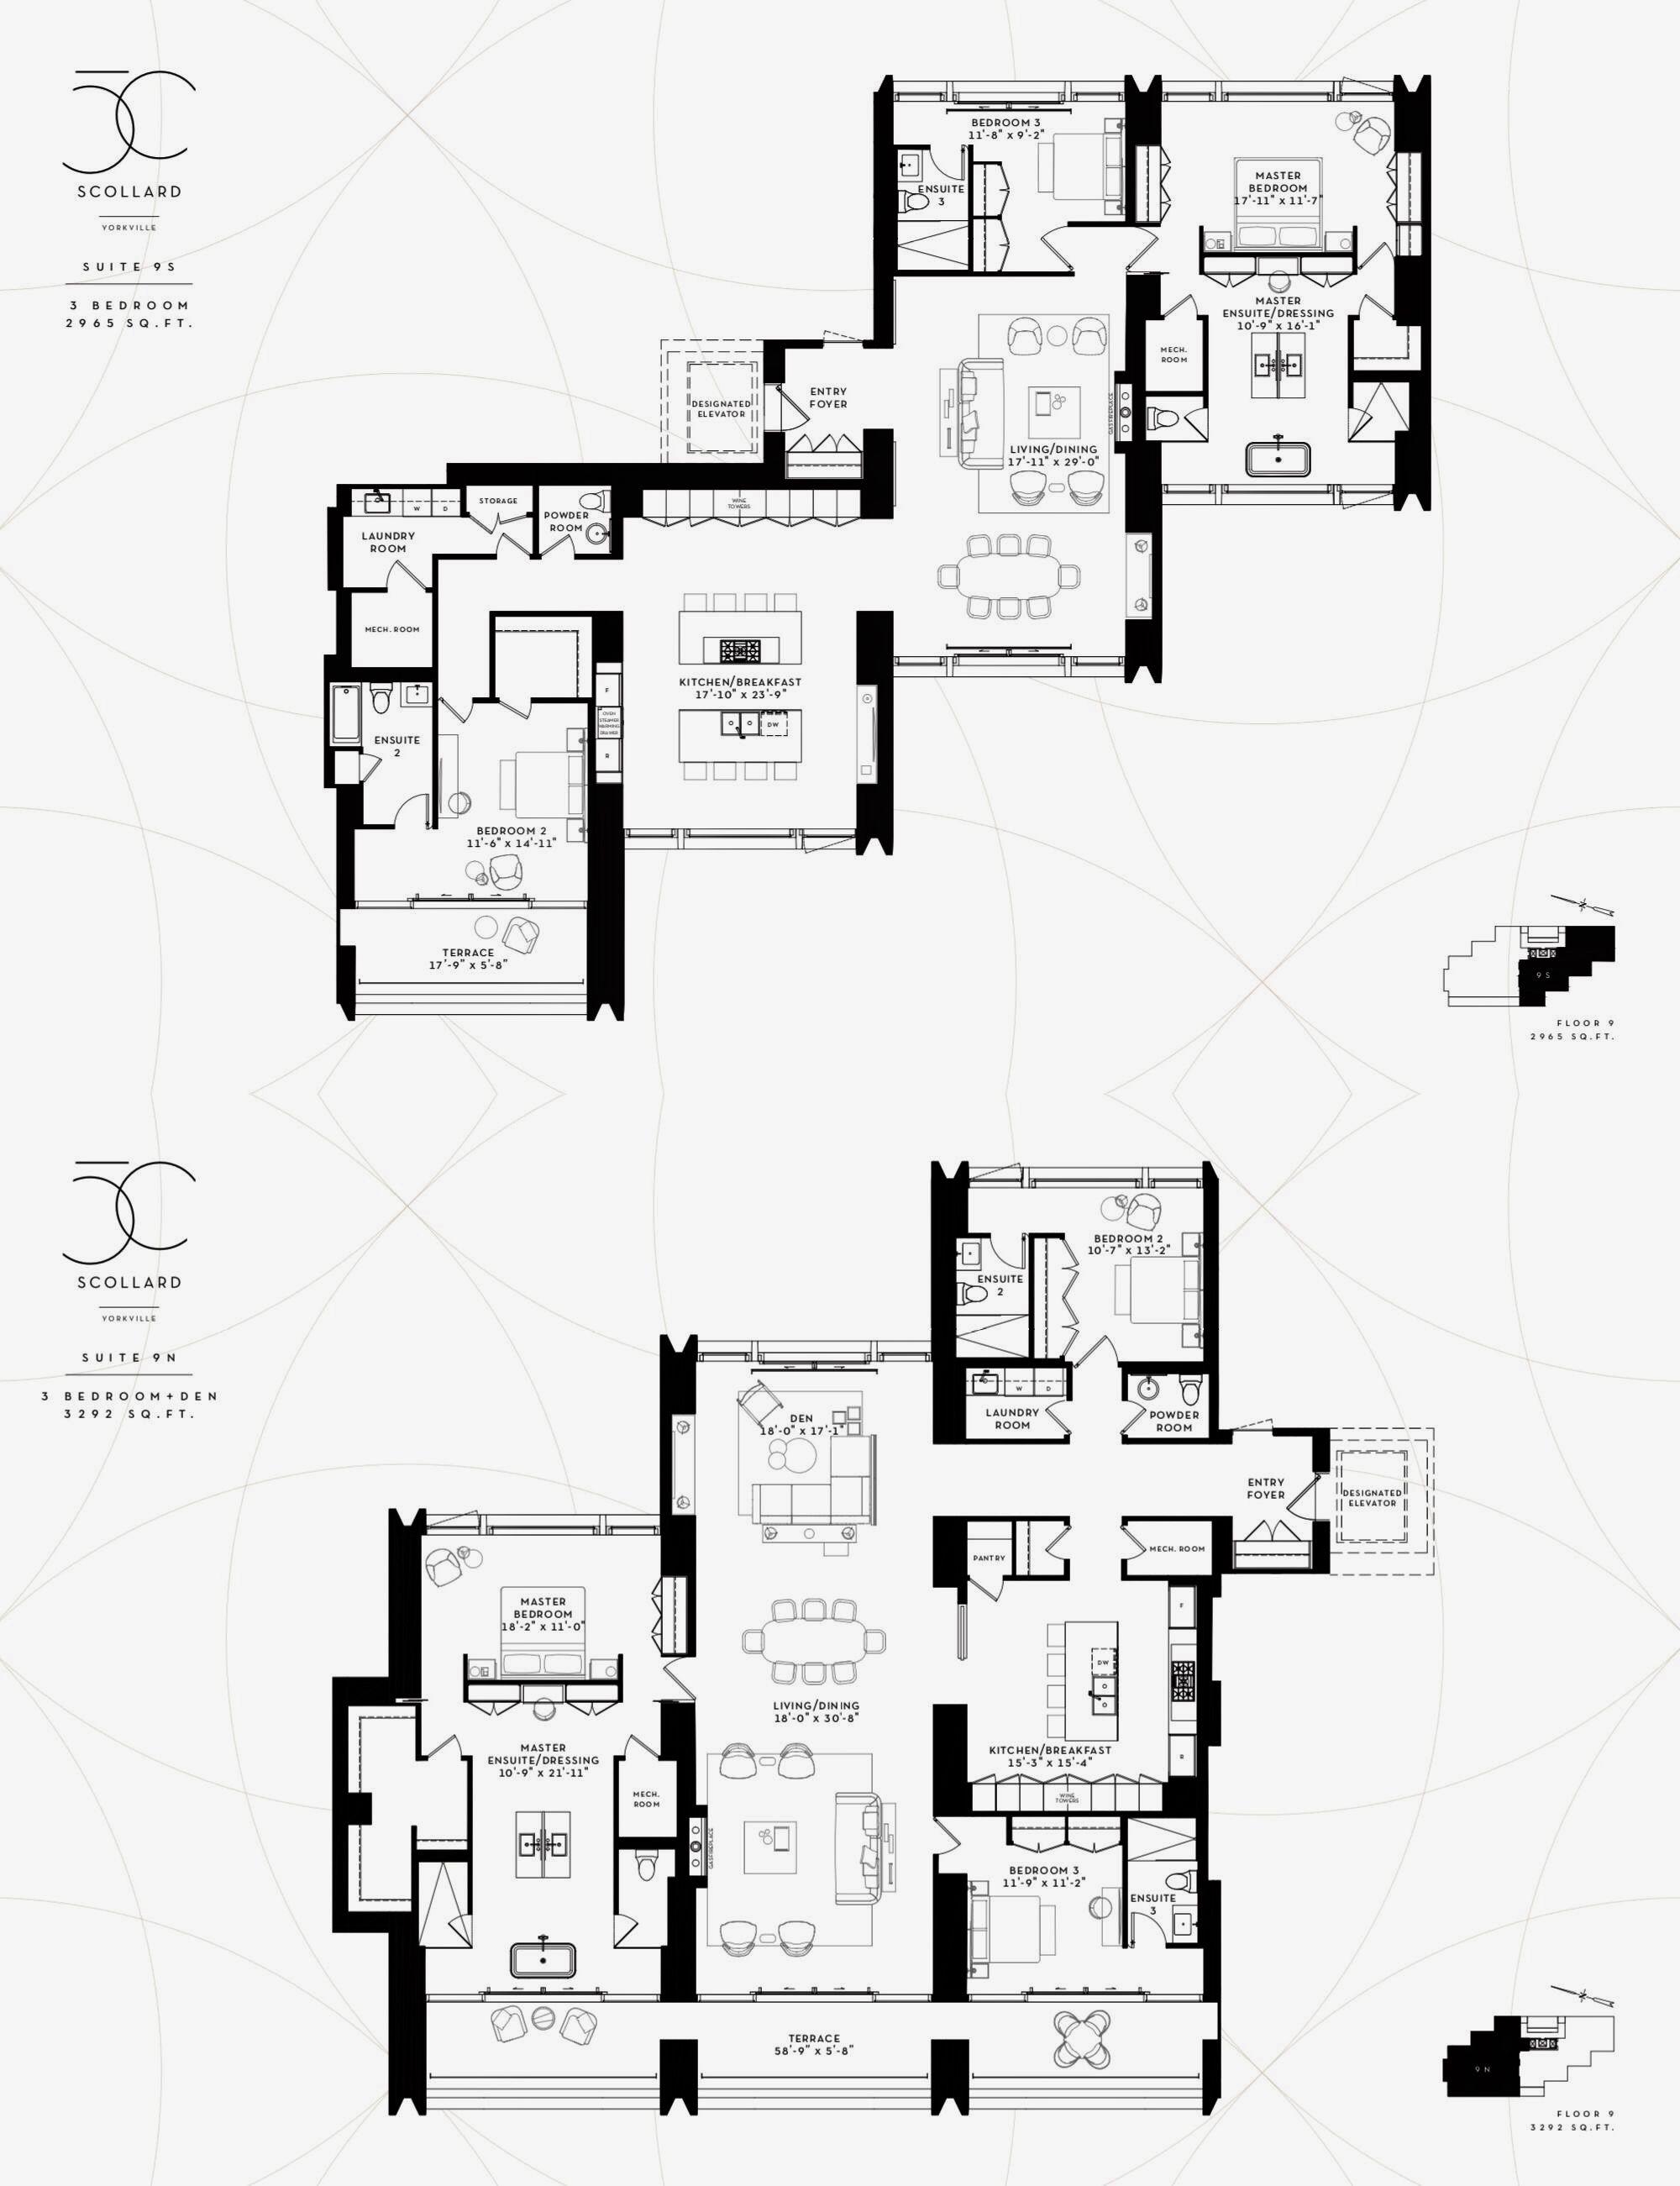 50 Scollard Yorkville Toronto Suite 9s 9n Floor Plan Drawing Plan Design Penthouse View